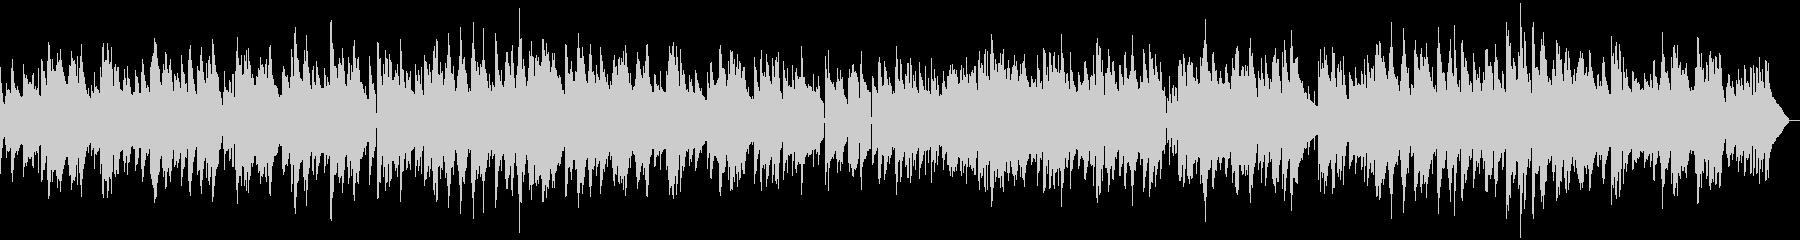 穏やかなピアノのバラードジャズの未再生の波形